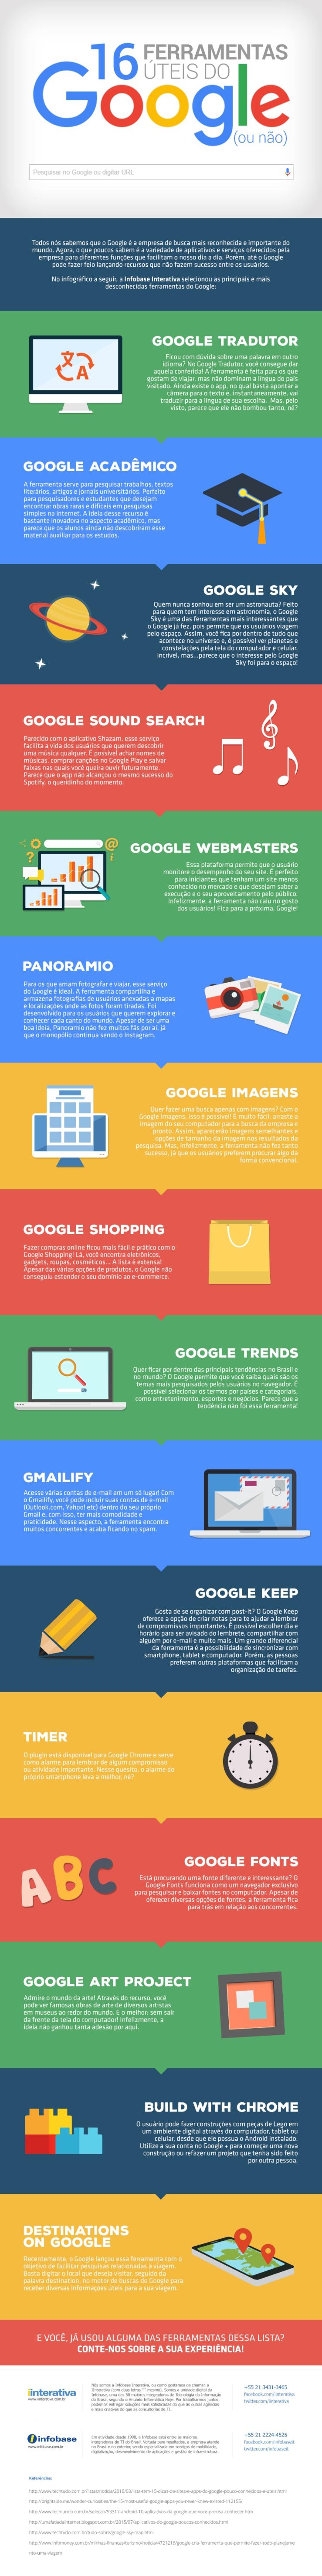 16 ferramentas Google